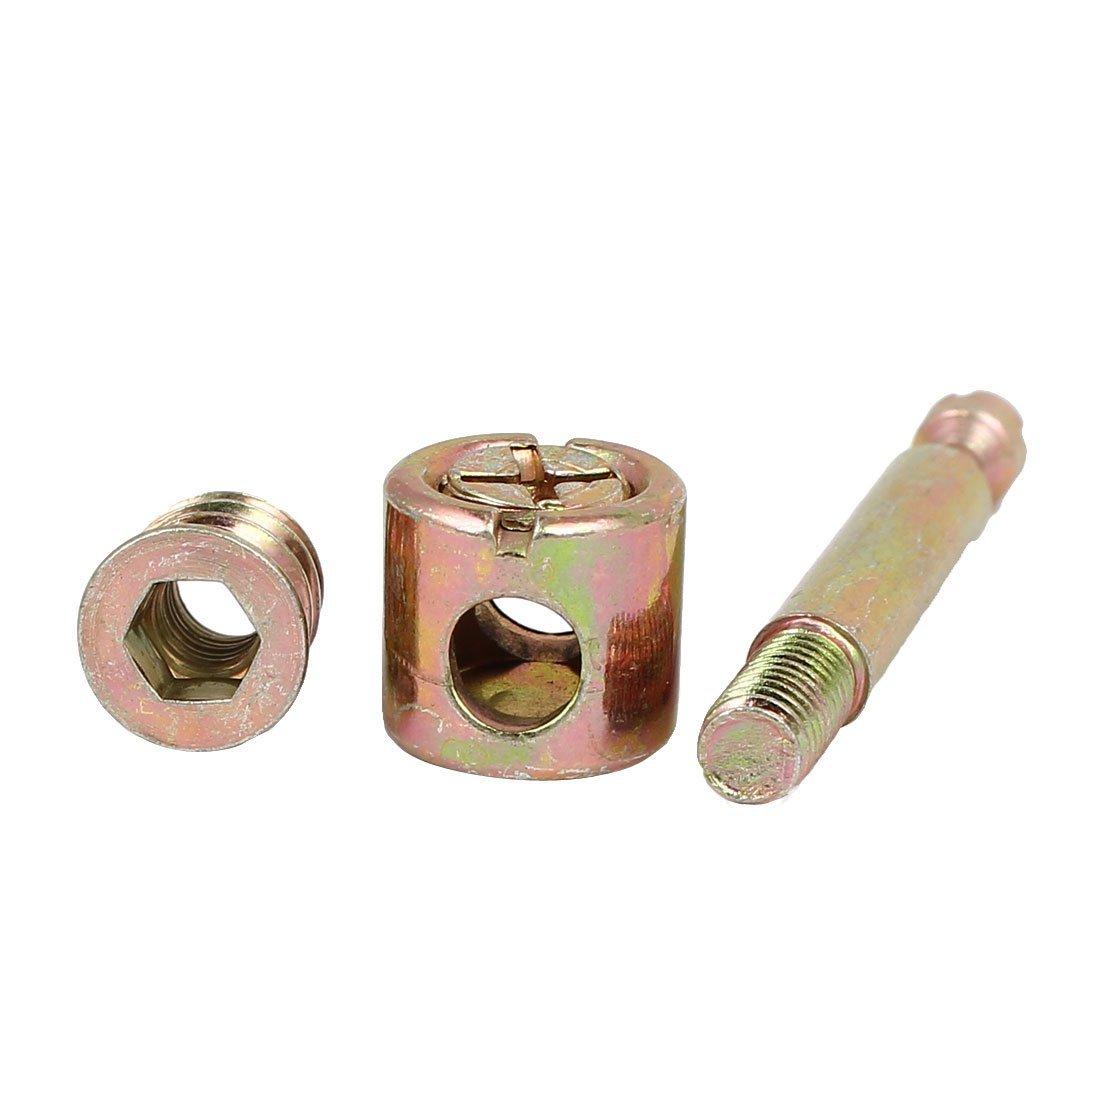 eDealMax meubles en métal Hex Key Drive Socket Cap Connexion 10pcs Couleur Bronze Montage